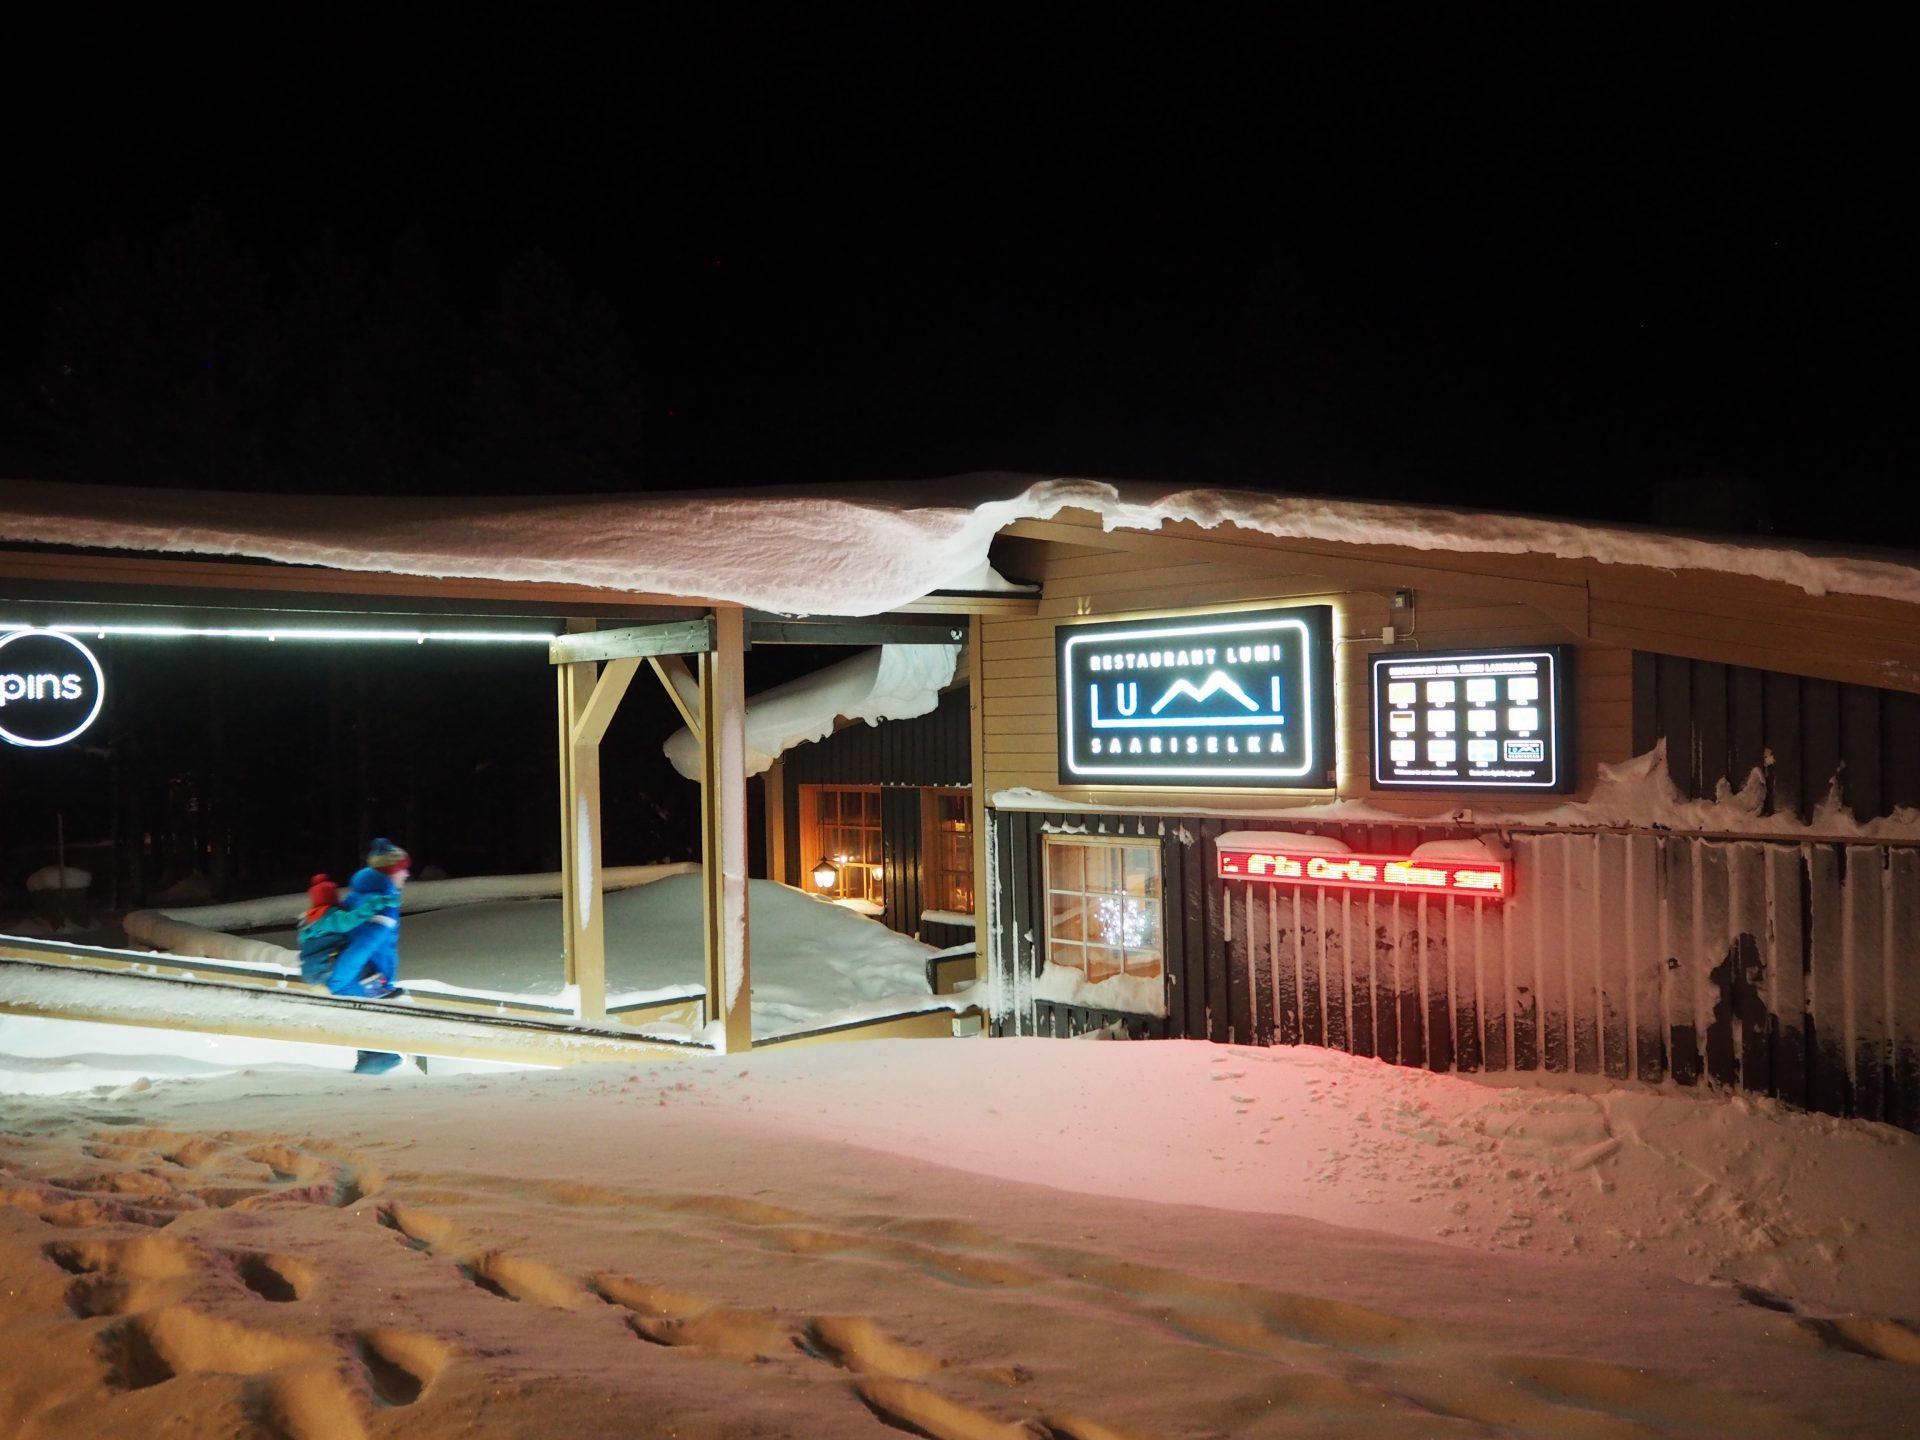 saariselka lumi ravintolassa lasten mukana